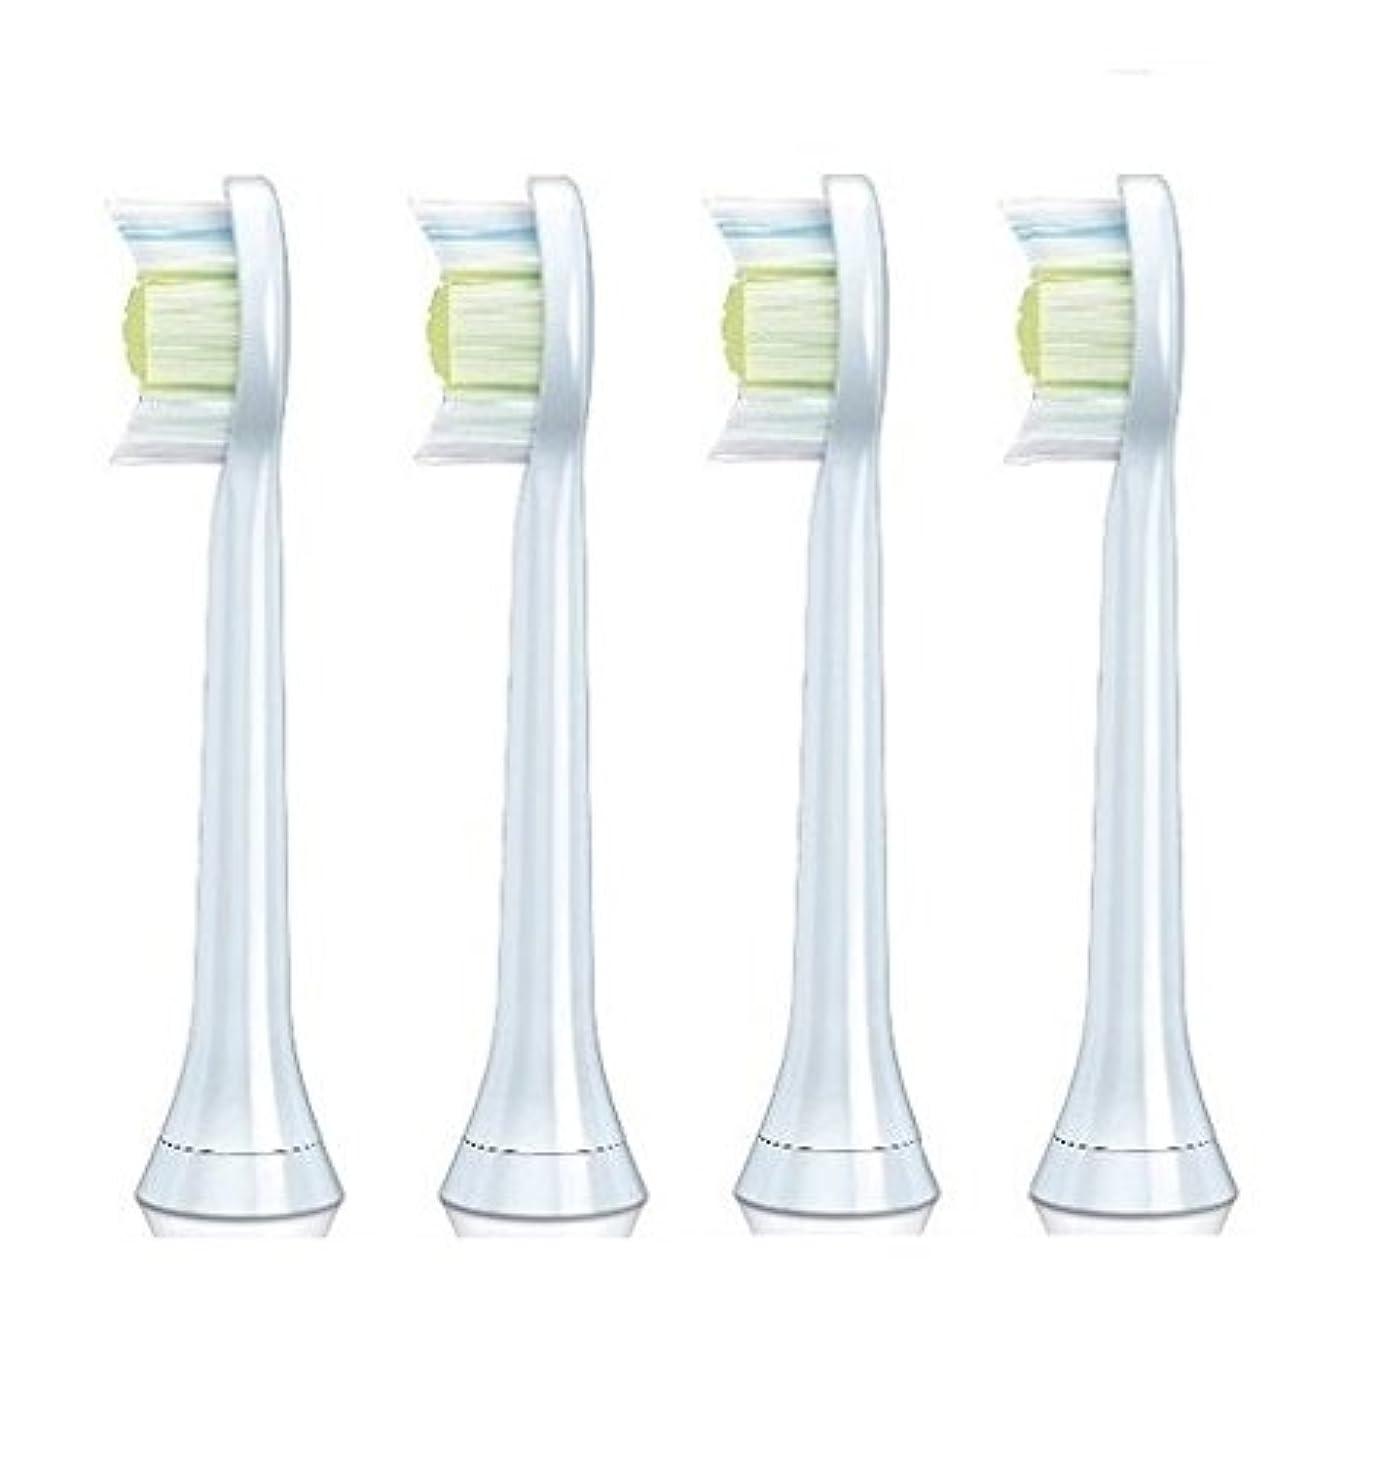 バイソン発見するできるHX6064 HX6062 互換 替え歯ブラシ 4本セット 替えブラシ PHILIPS フィリップス ソニッケアー スタンダードサイズ